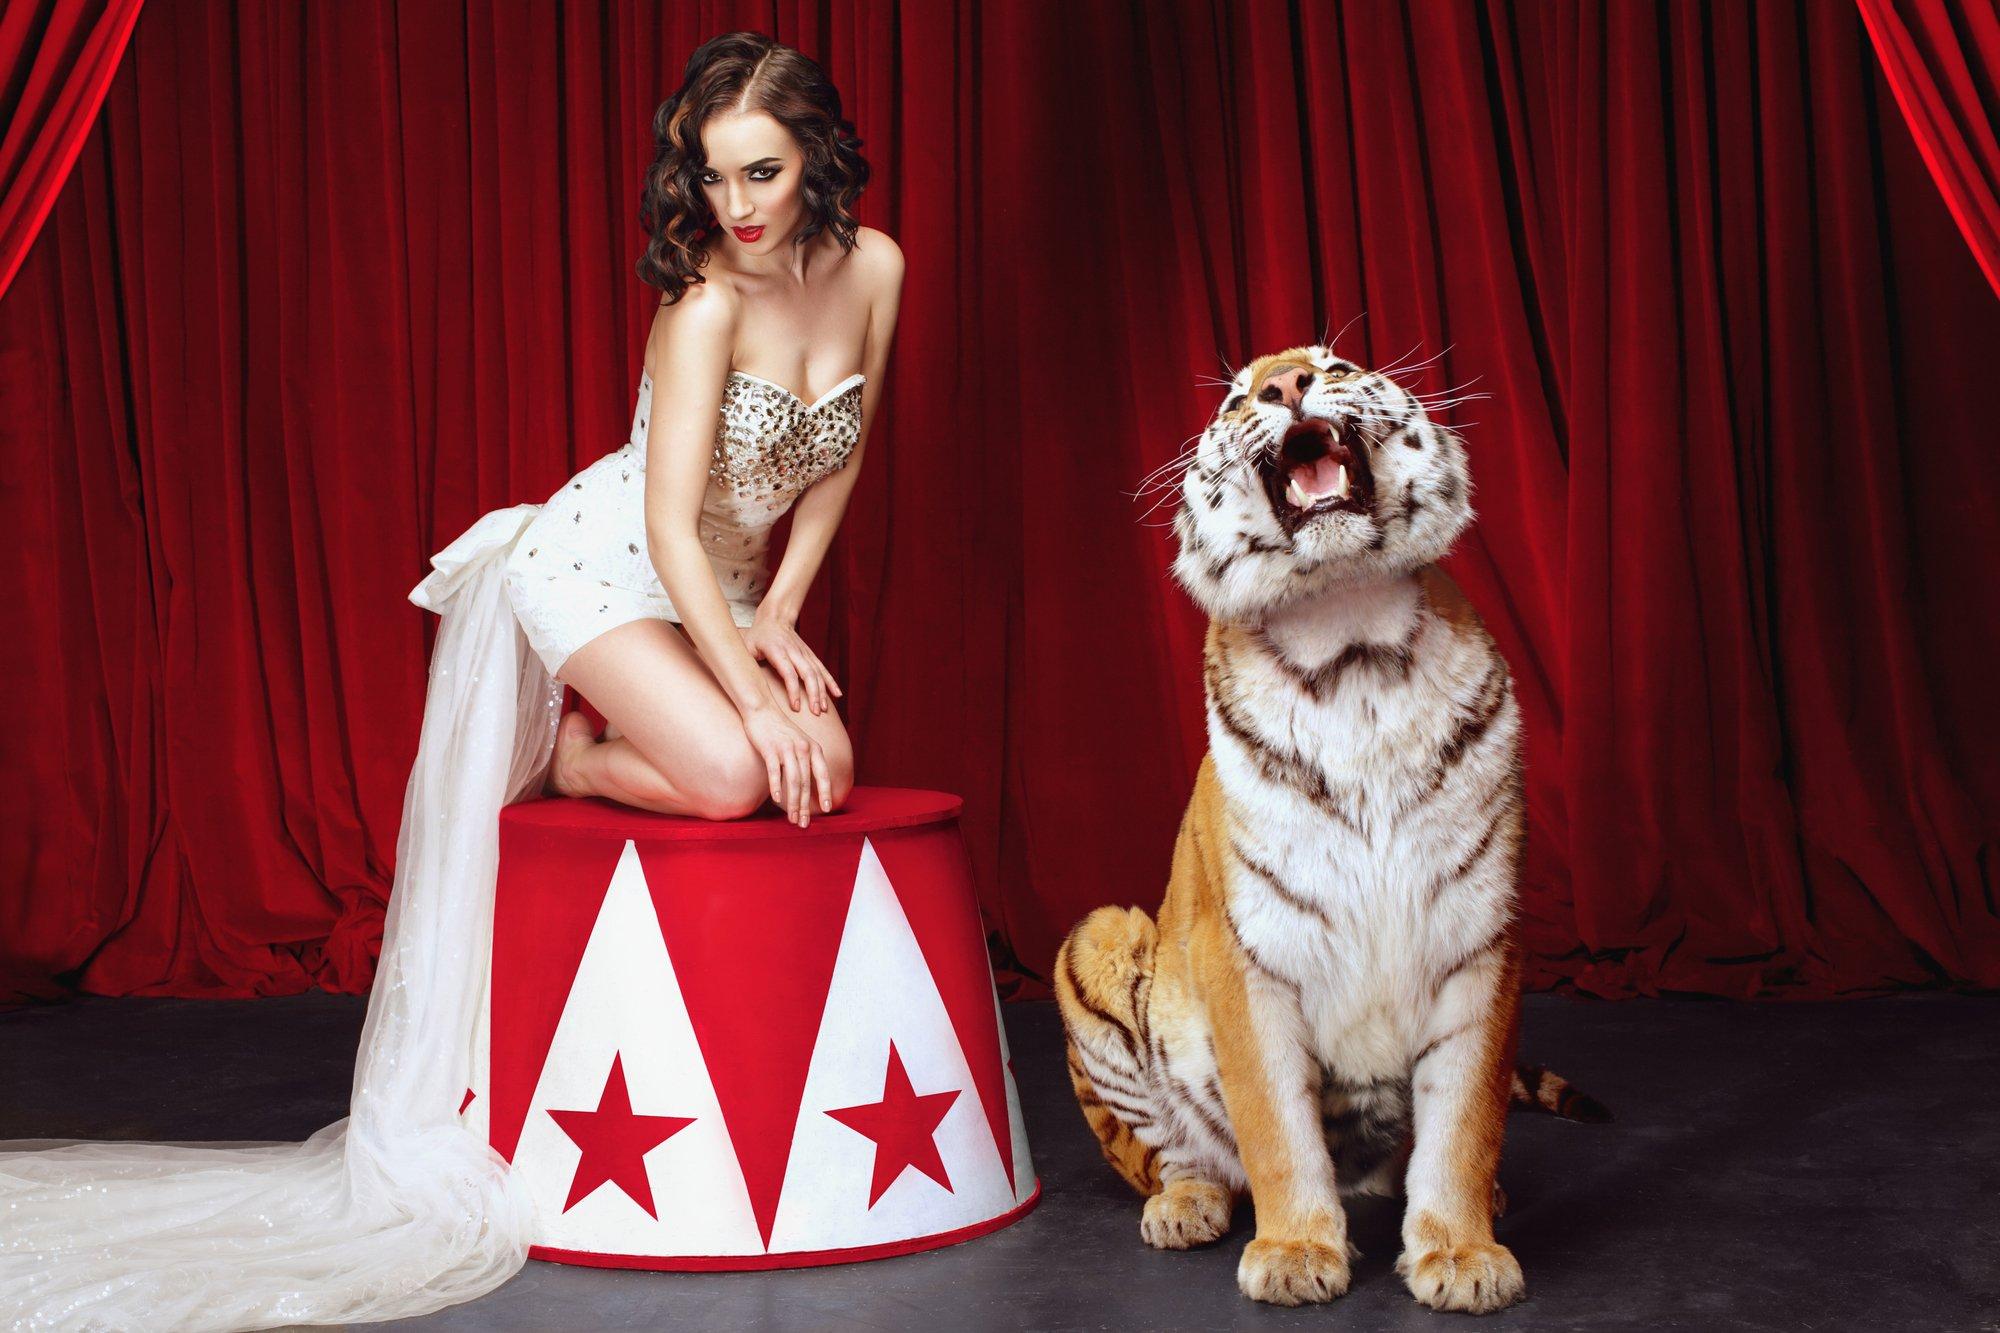 depositphotos 95264180 l 2015.jpg?resize=648,365 - Après avoir travaillé pour un cirque, elle se confie sur le sort réservé aux animaux.